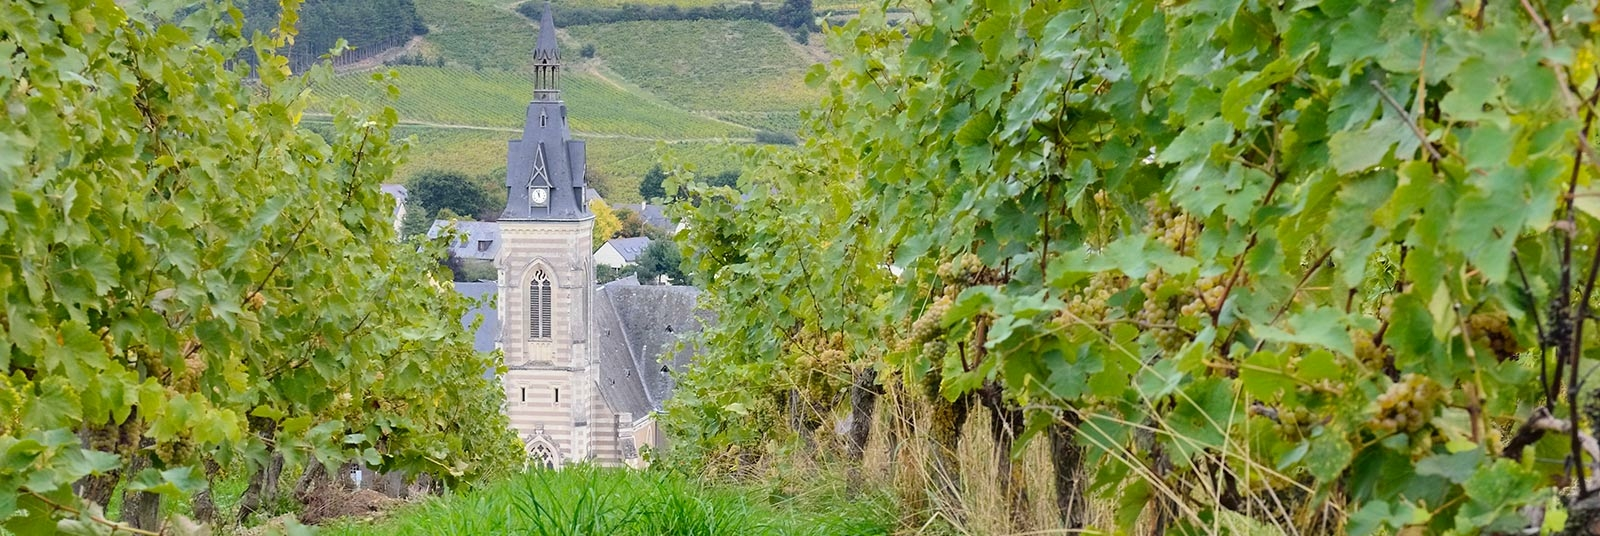 vigne vin eglise domaine cady bandeau